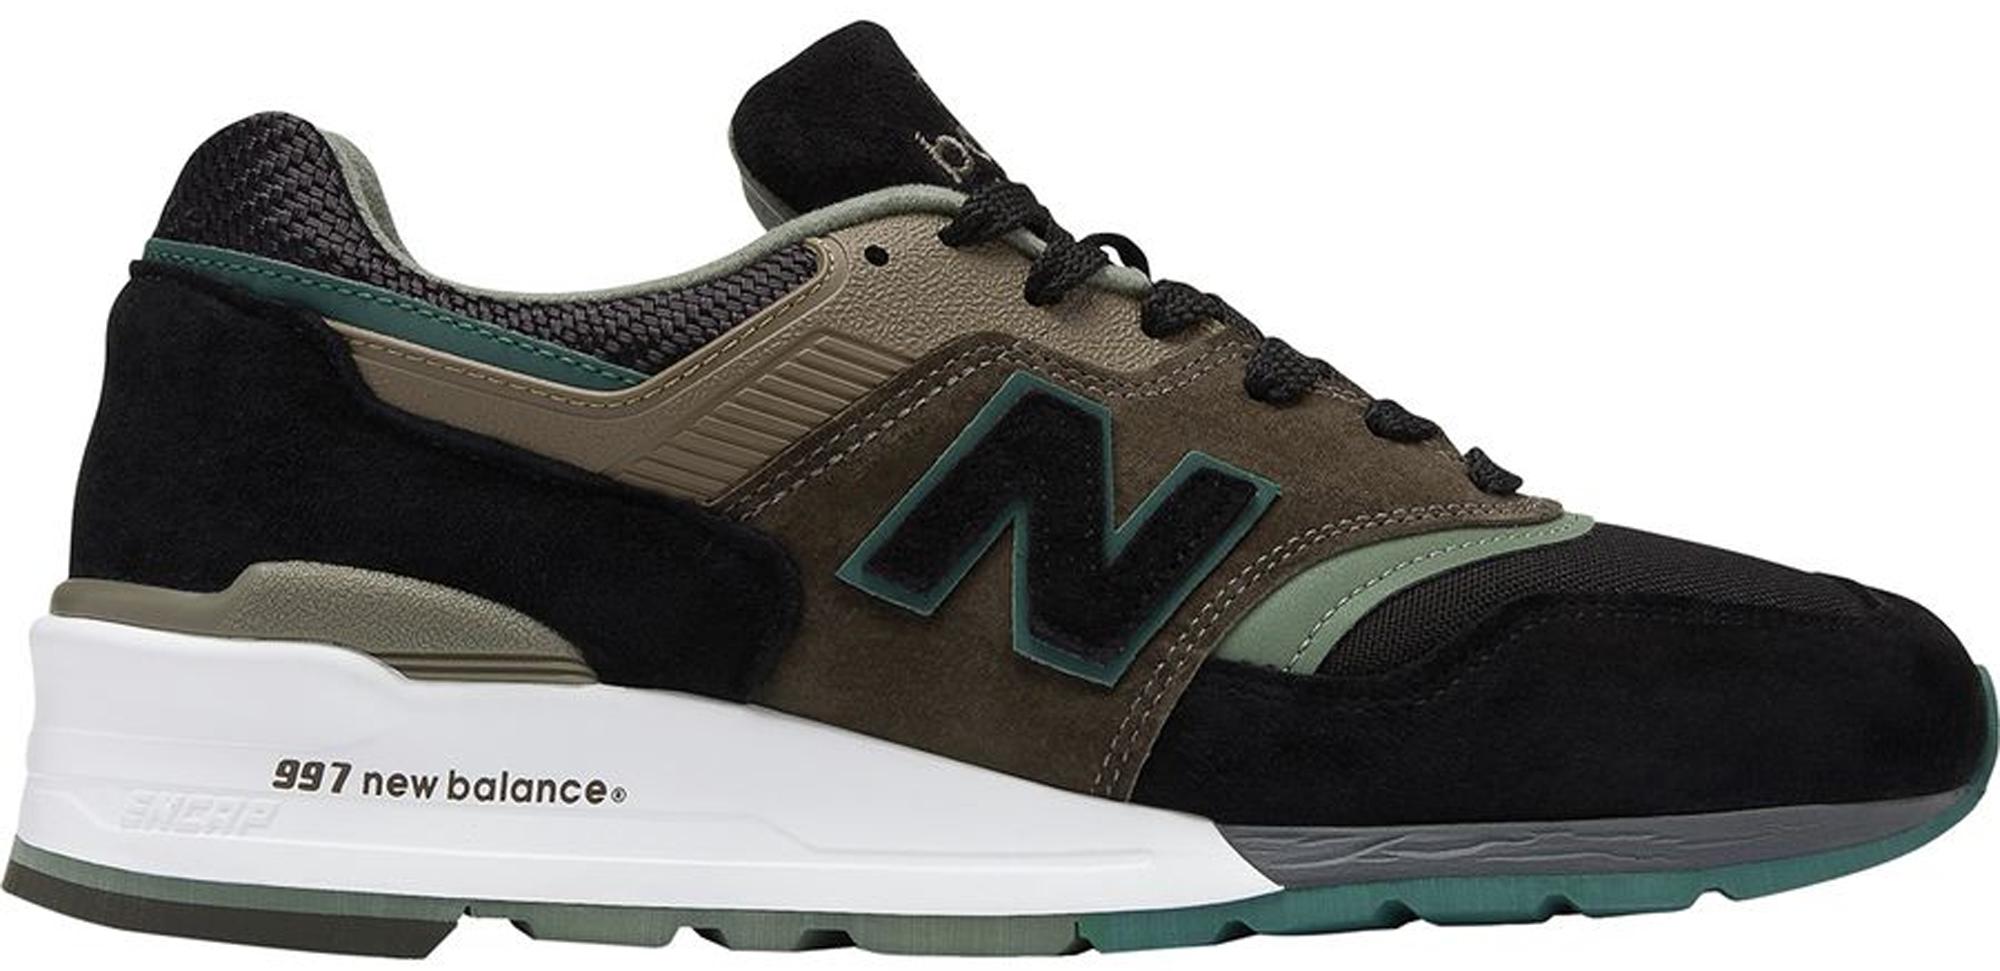 new balance 997 paa